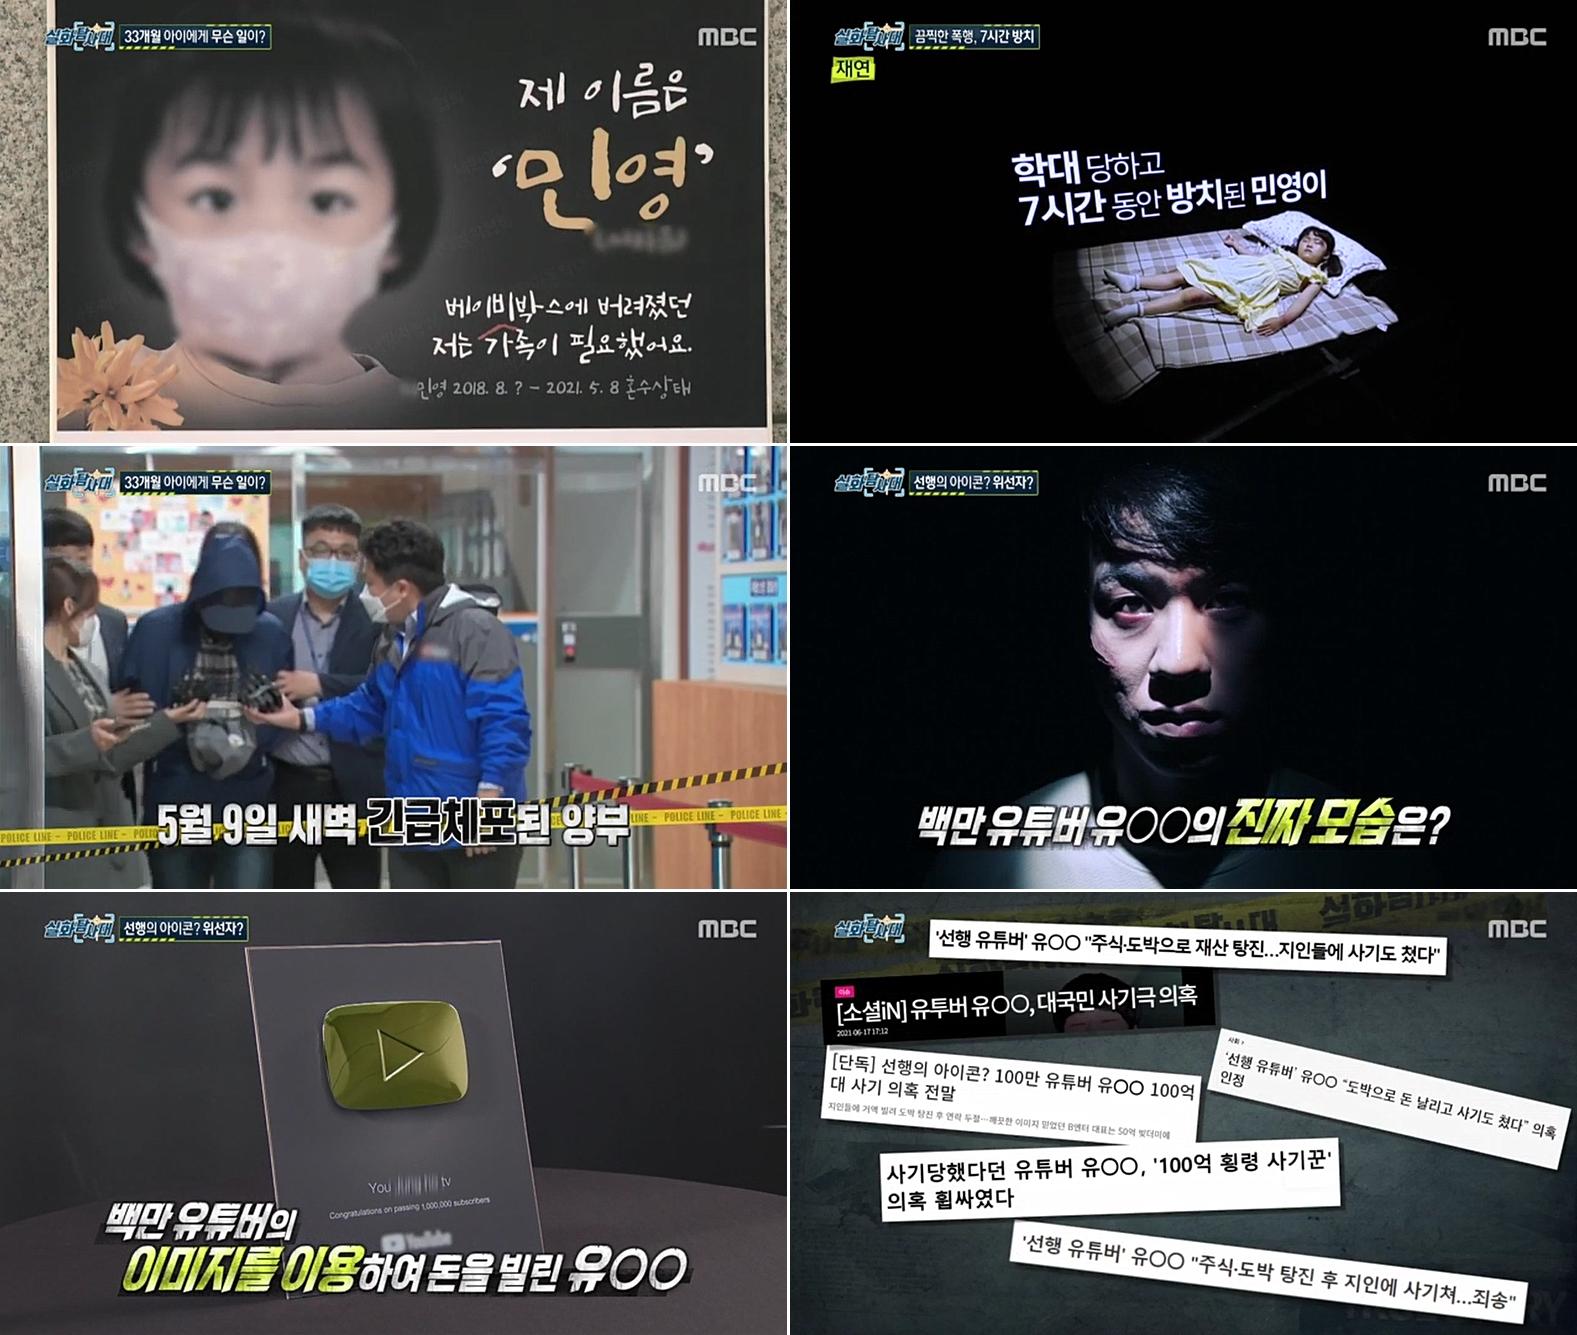 '실화탐사대' 양부의 폭행, 7시간의 방치... 혼수상태에 빠진 33개월 민영이